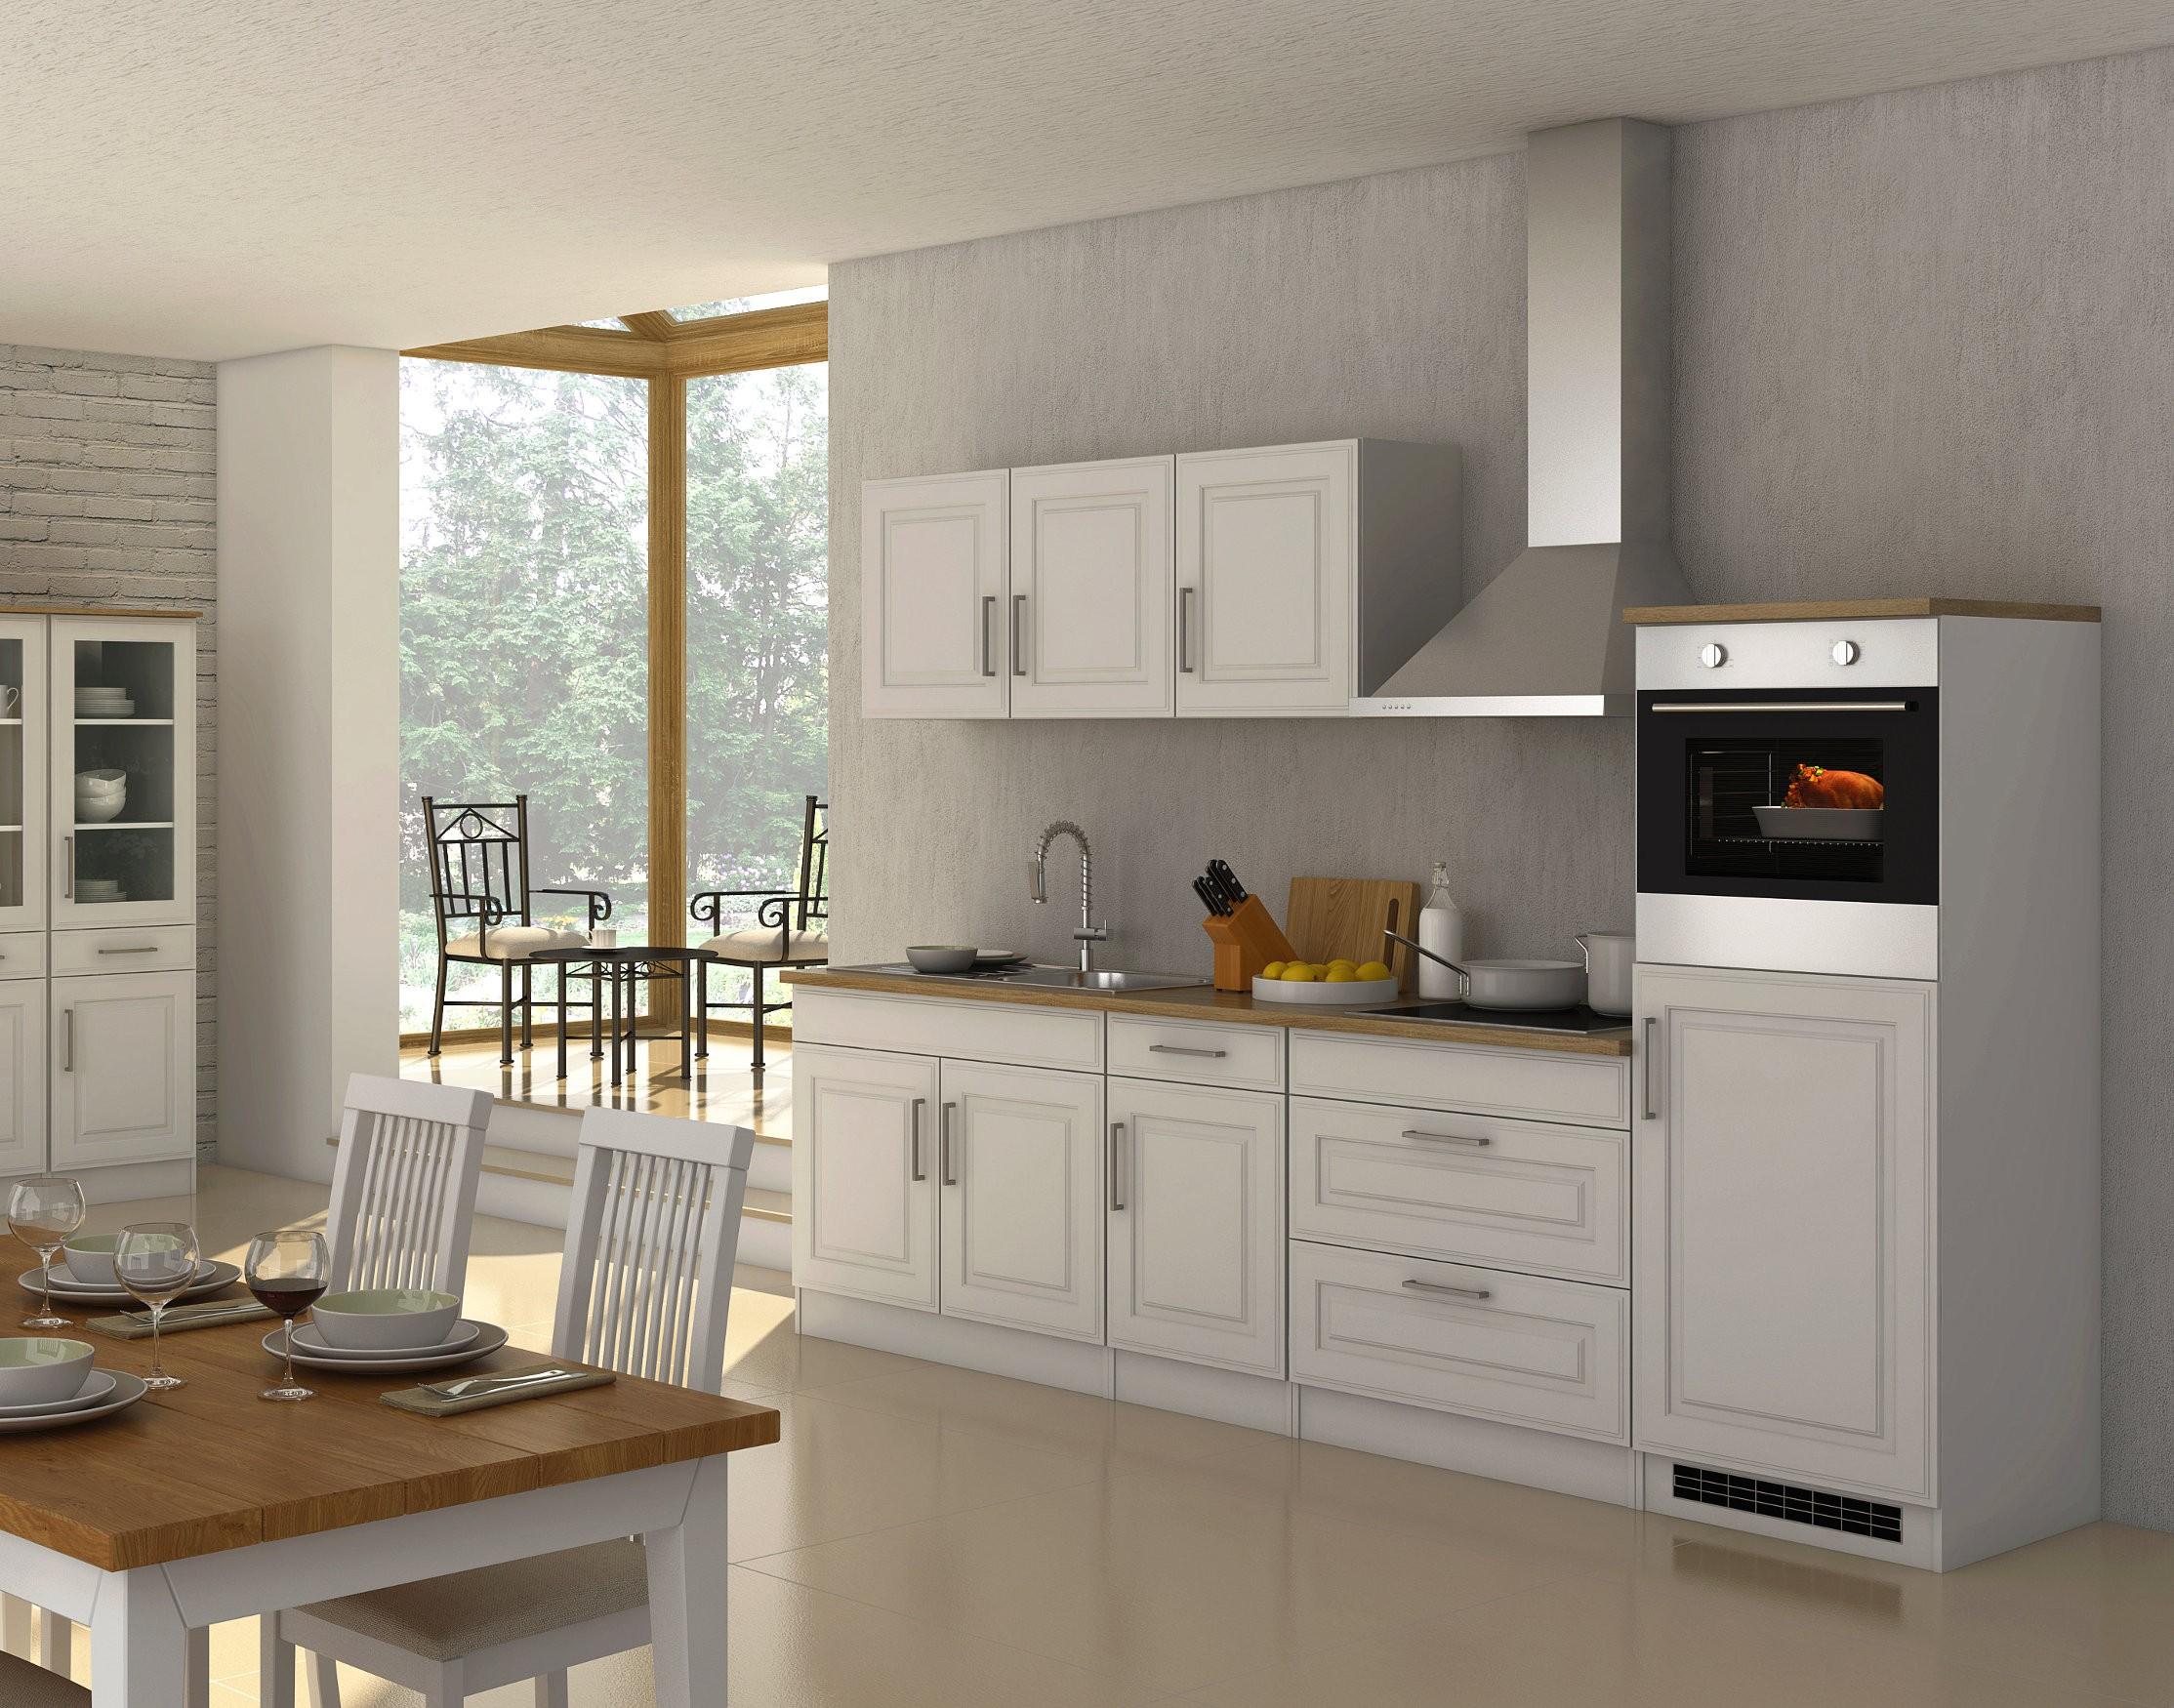 Full Size of Einbauküche Mit Elektrogeräten Und Geschirrspüler Amazon Einbauküche Mit Elektrogeräten Einbauküche Mit Elektrogeräten Kosten Einbauküchen Mit Elektrogeräten Ohne Kühlschrank Küche Einbauküche Mit Elektrogeräten